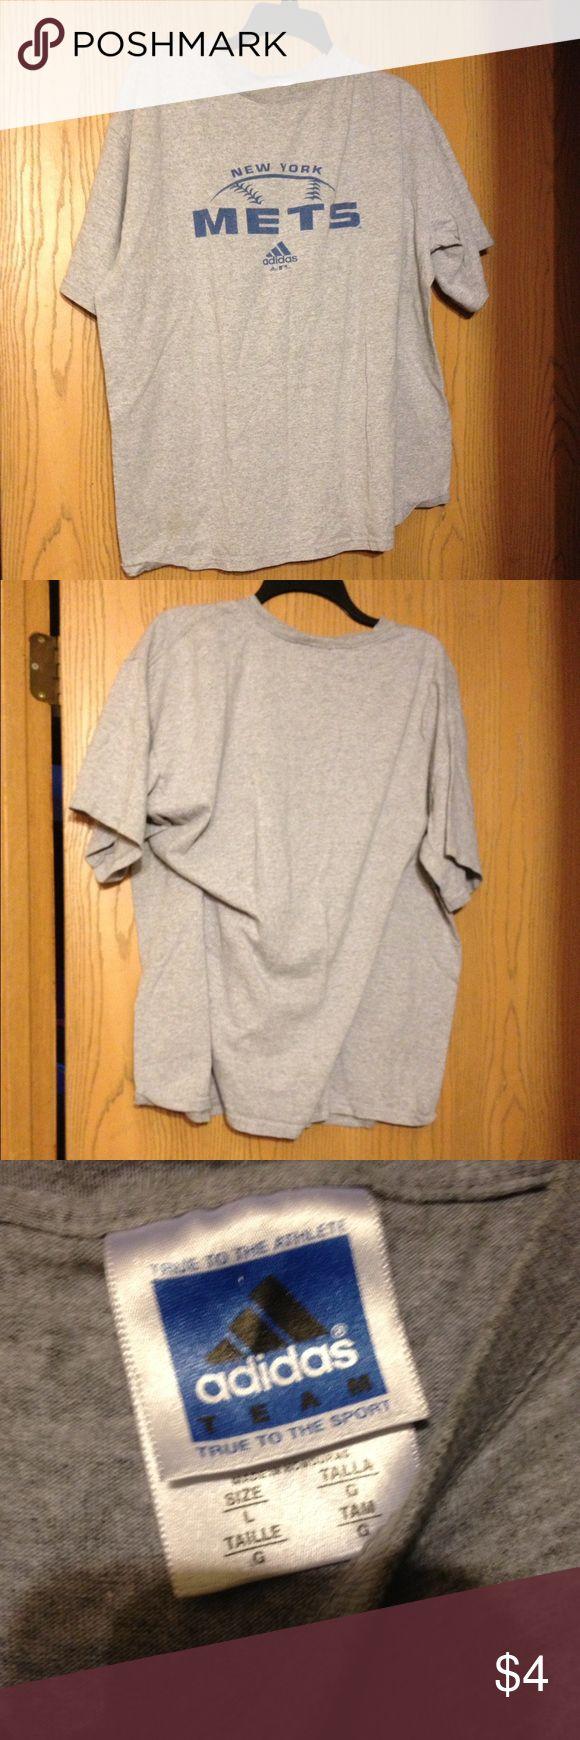 🎯🎯Men's Adidas Tee🎯🎯 Gray New York Mets Tee Adidas Tops Tees - Short Sleeve